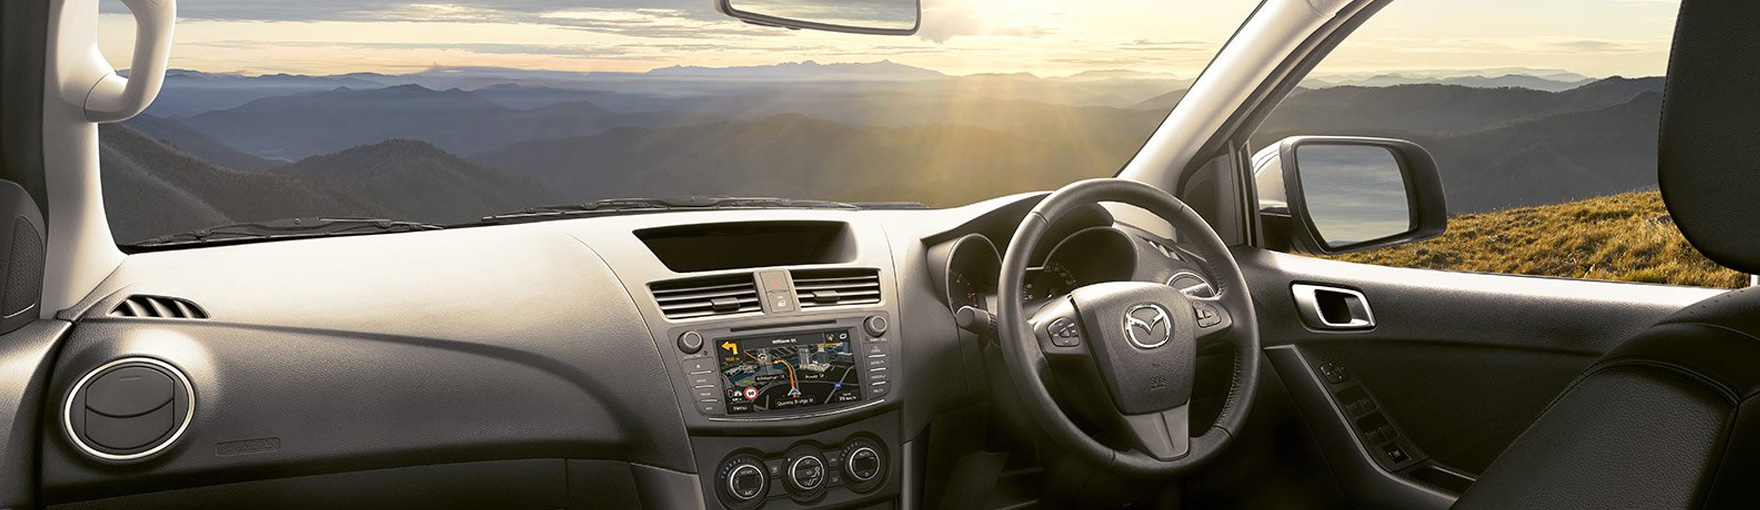 Interior of a Mazda CX-5